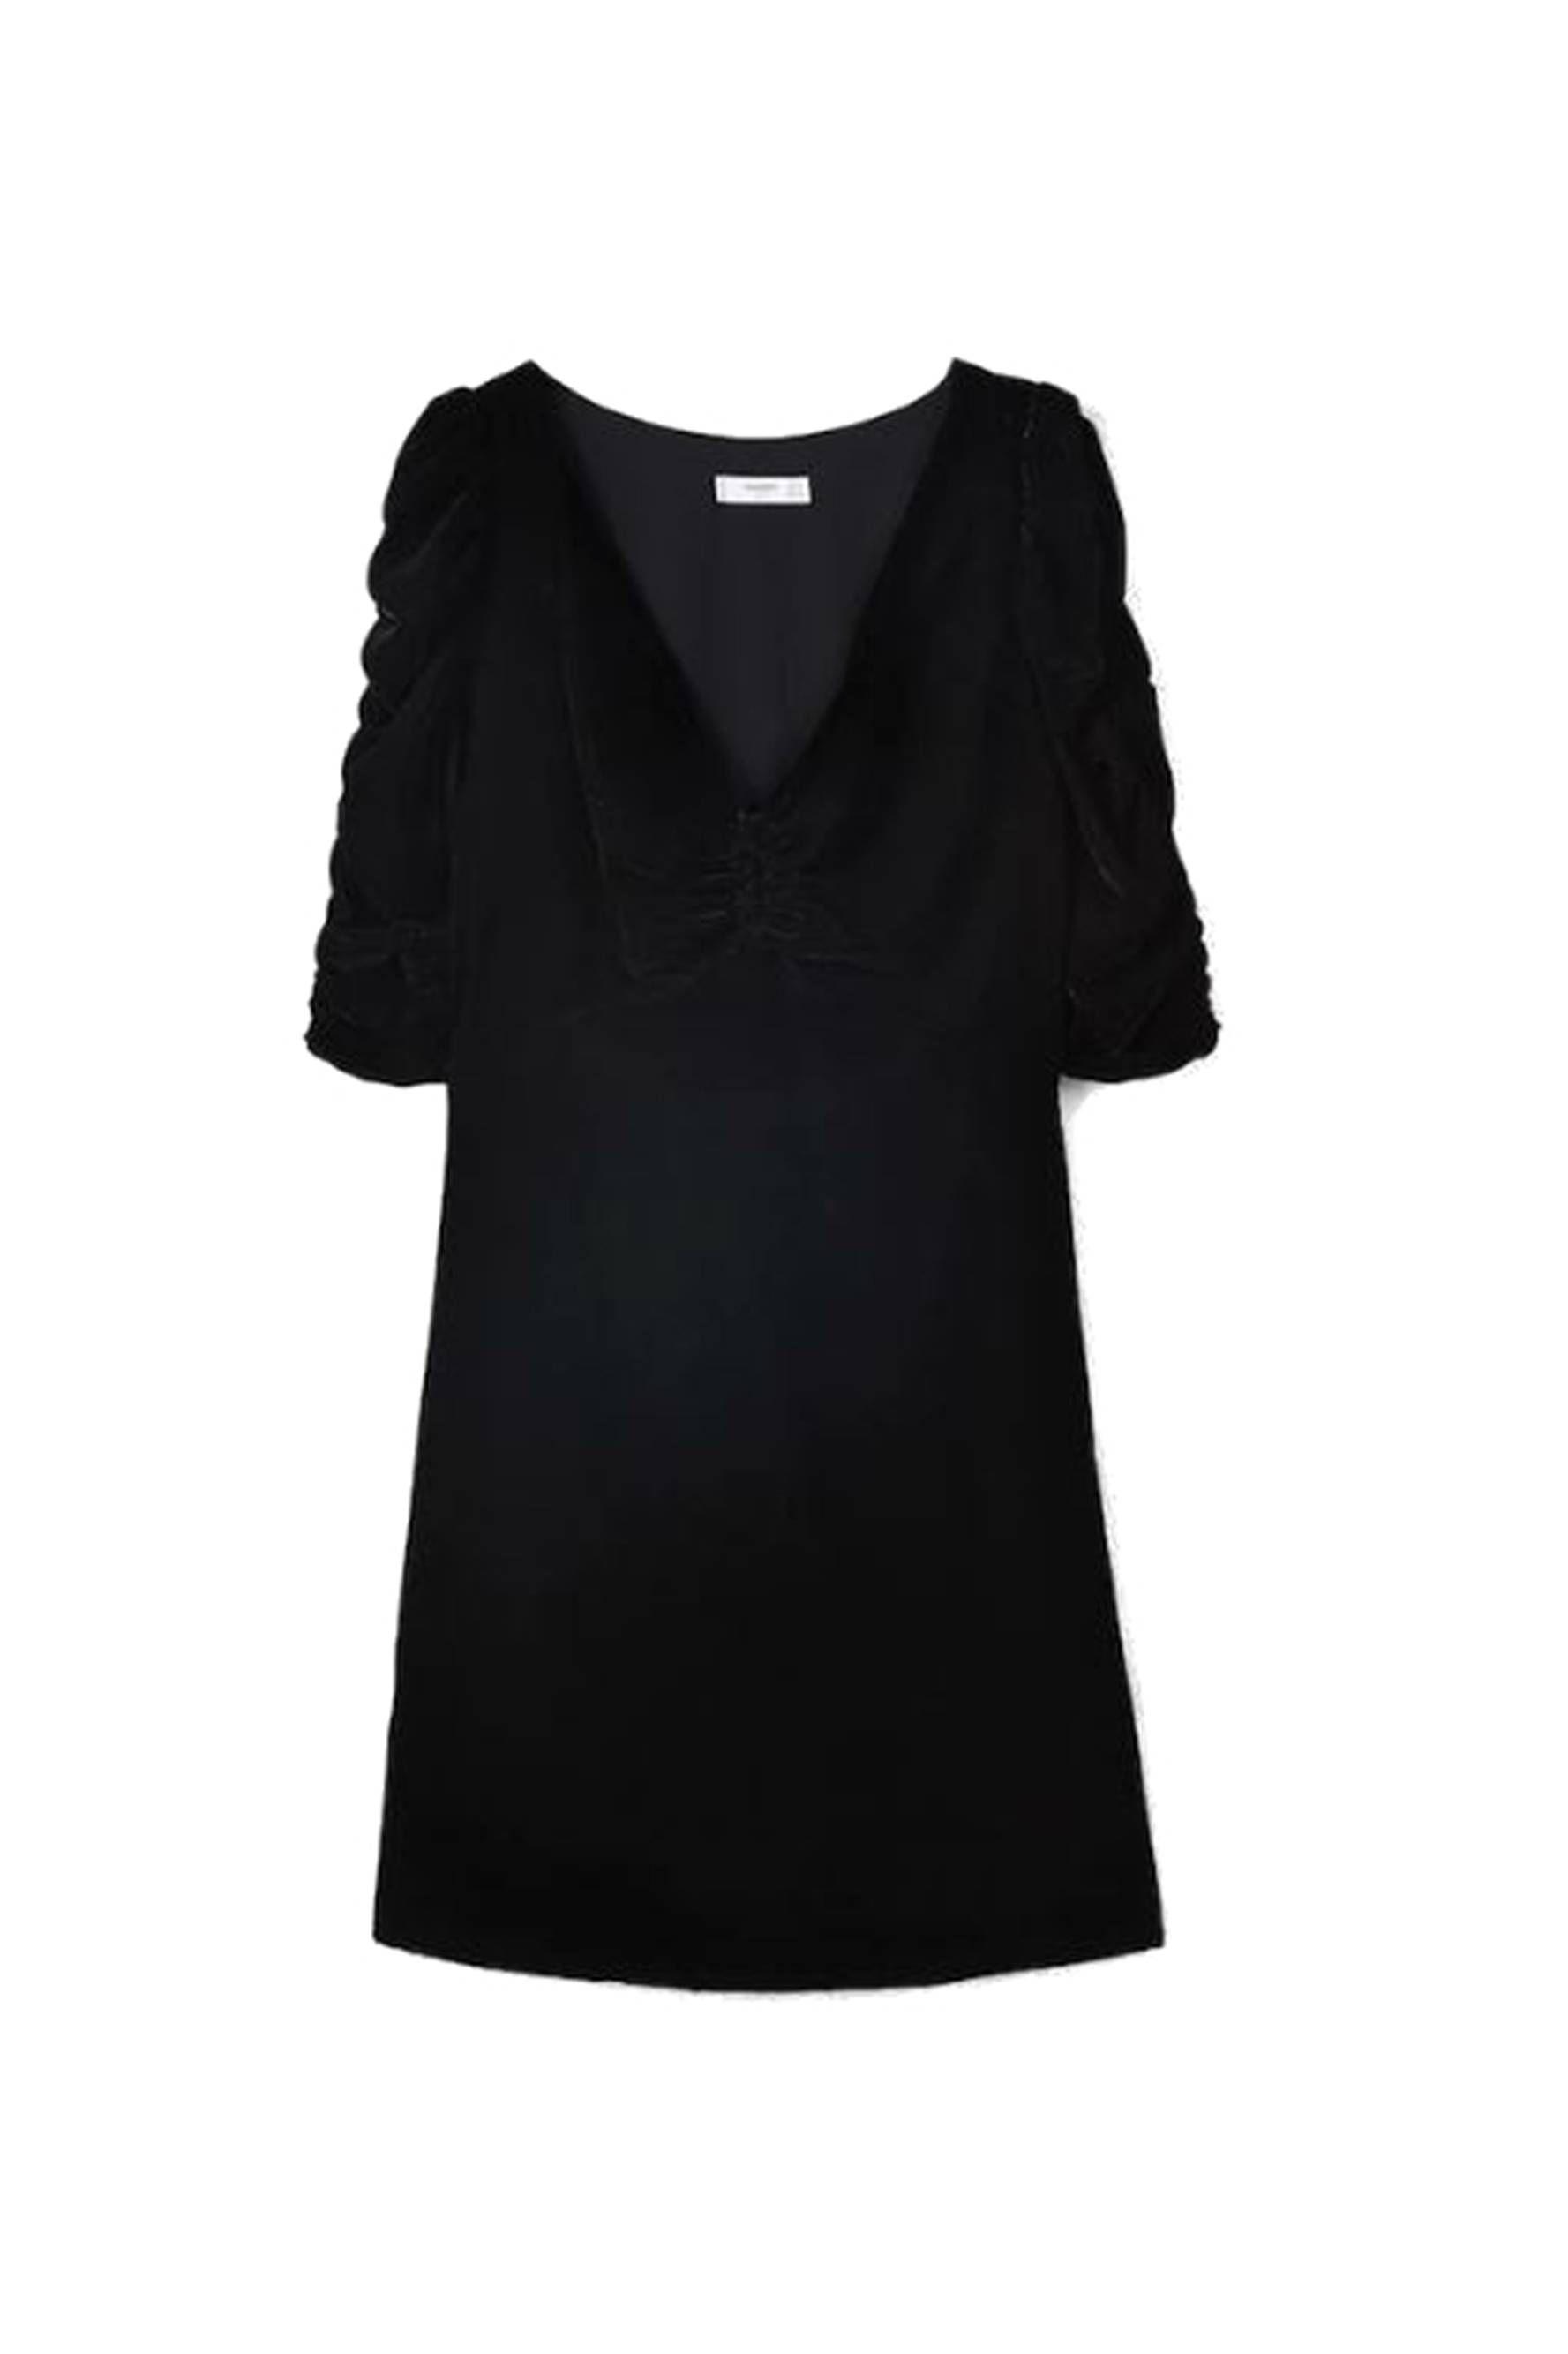 3b6d86bb Los vestidos de terciopelo que arrasarán este invierno - Vestidos de  terciopelo fiesta